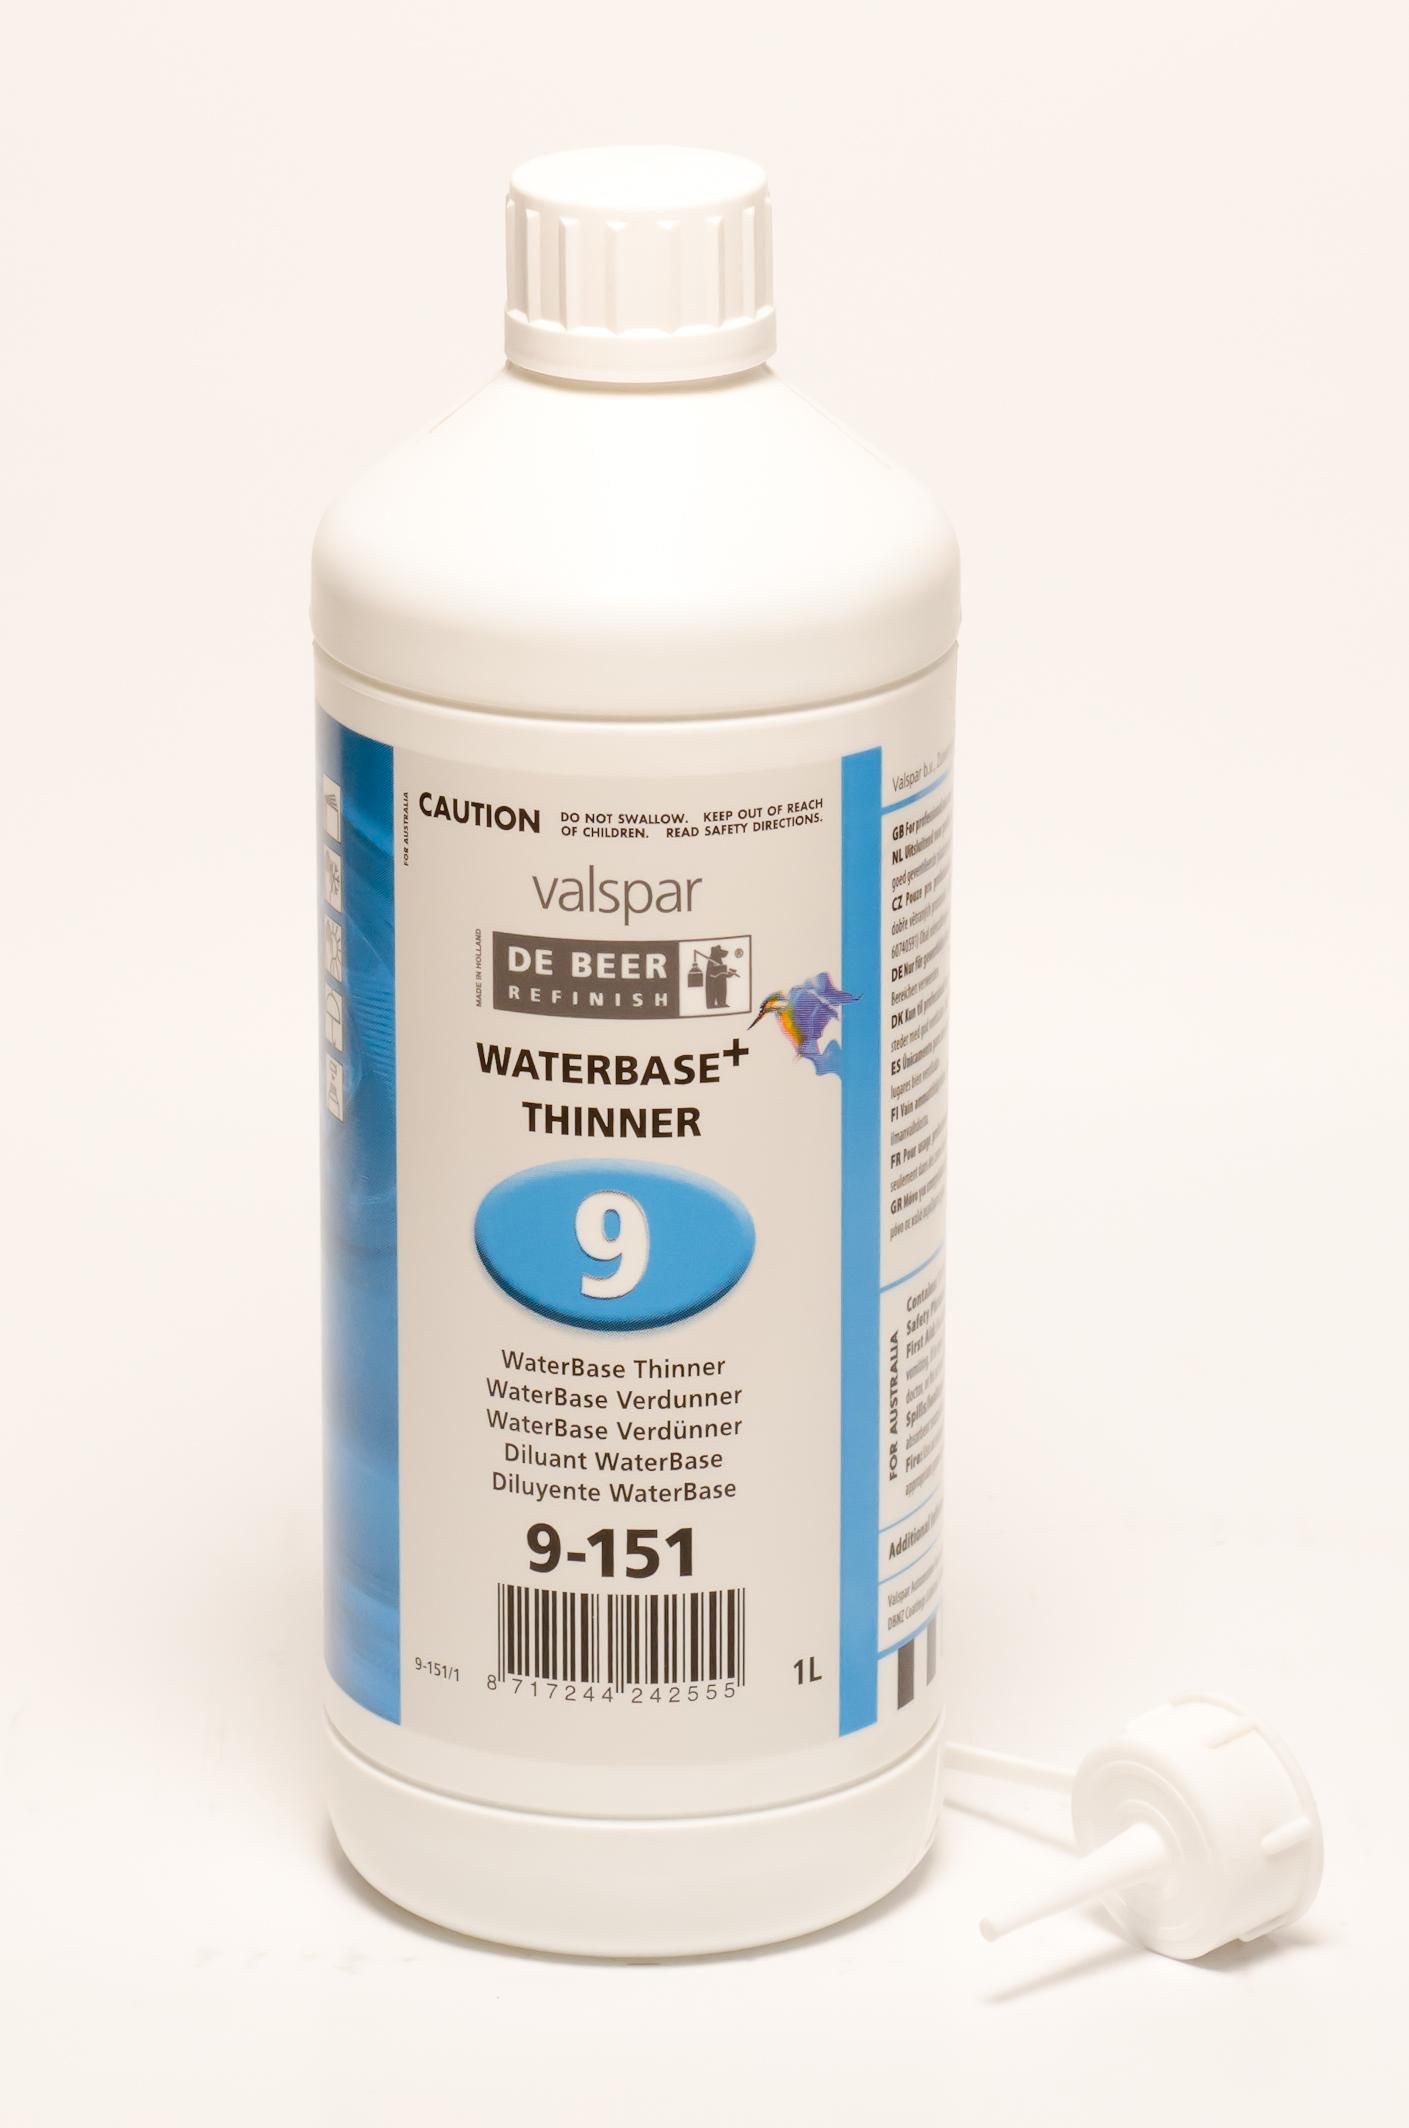 De Beer Waterbase Verdunner 9-151 1 Liter